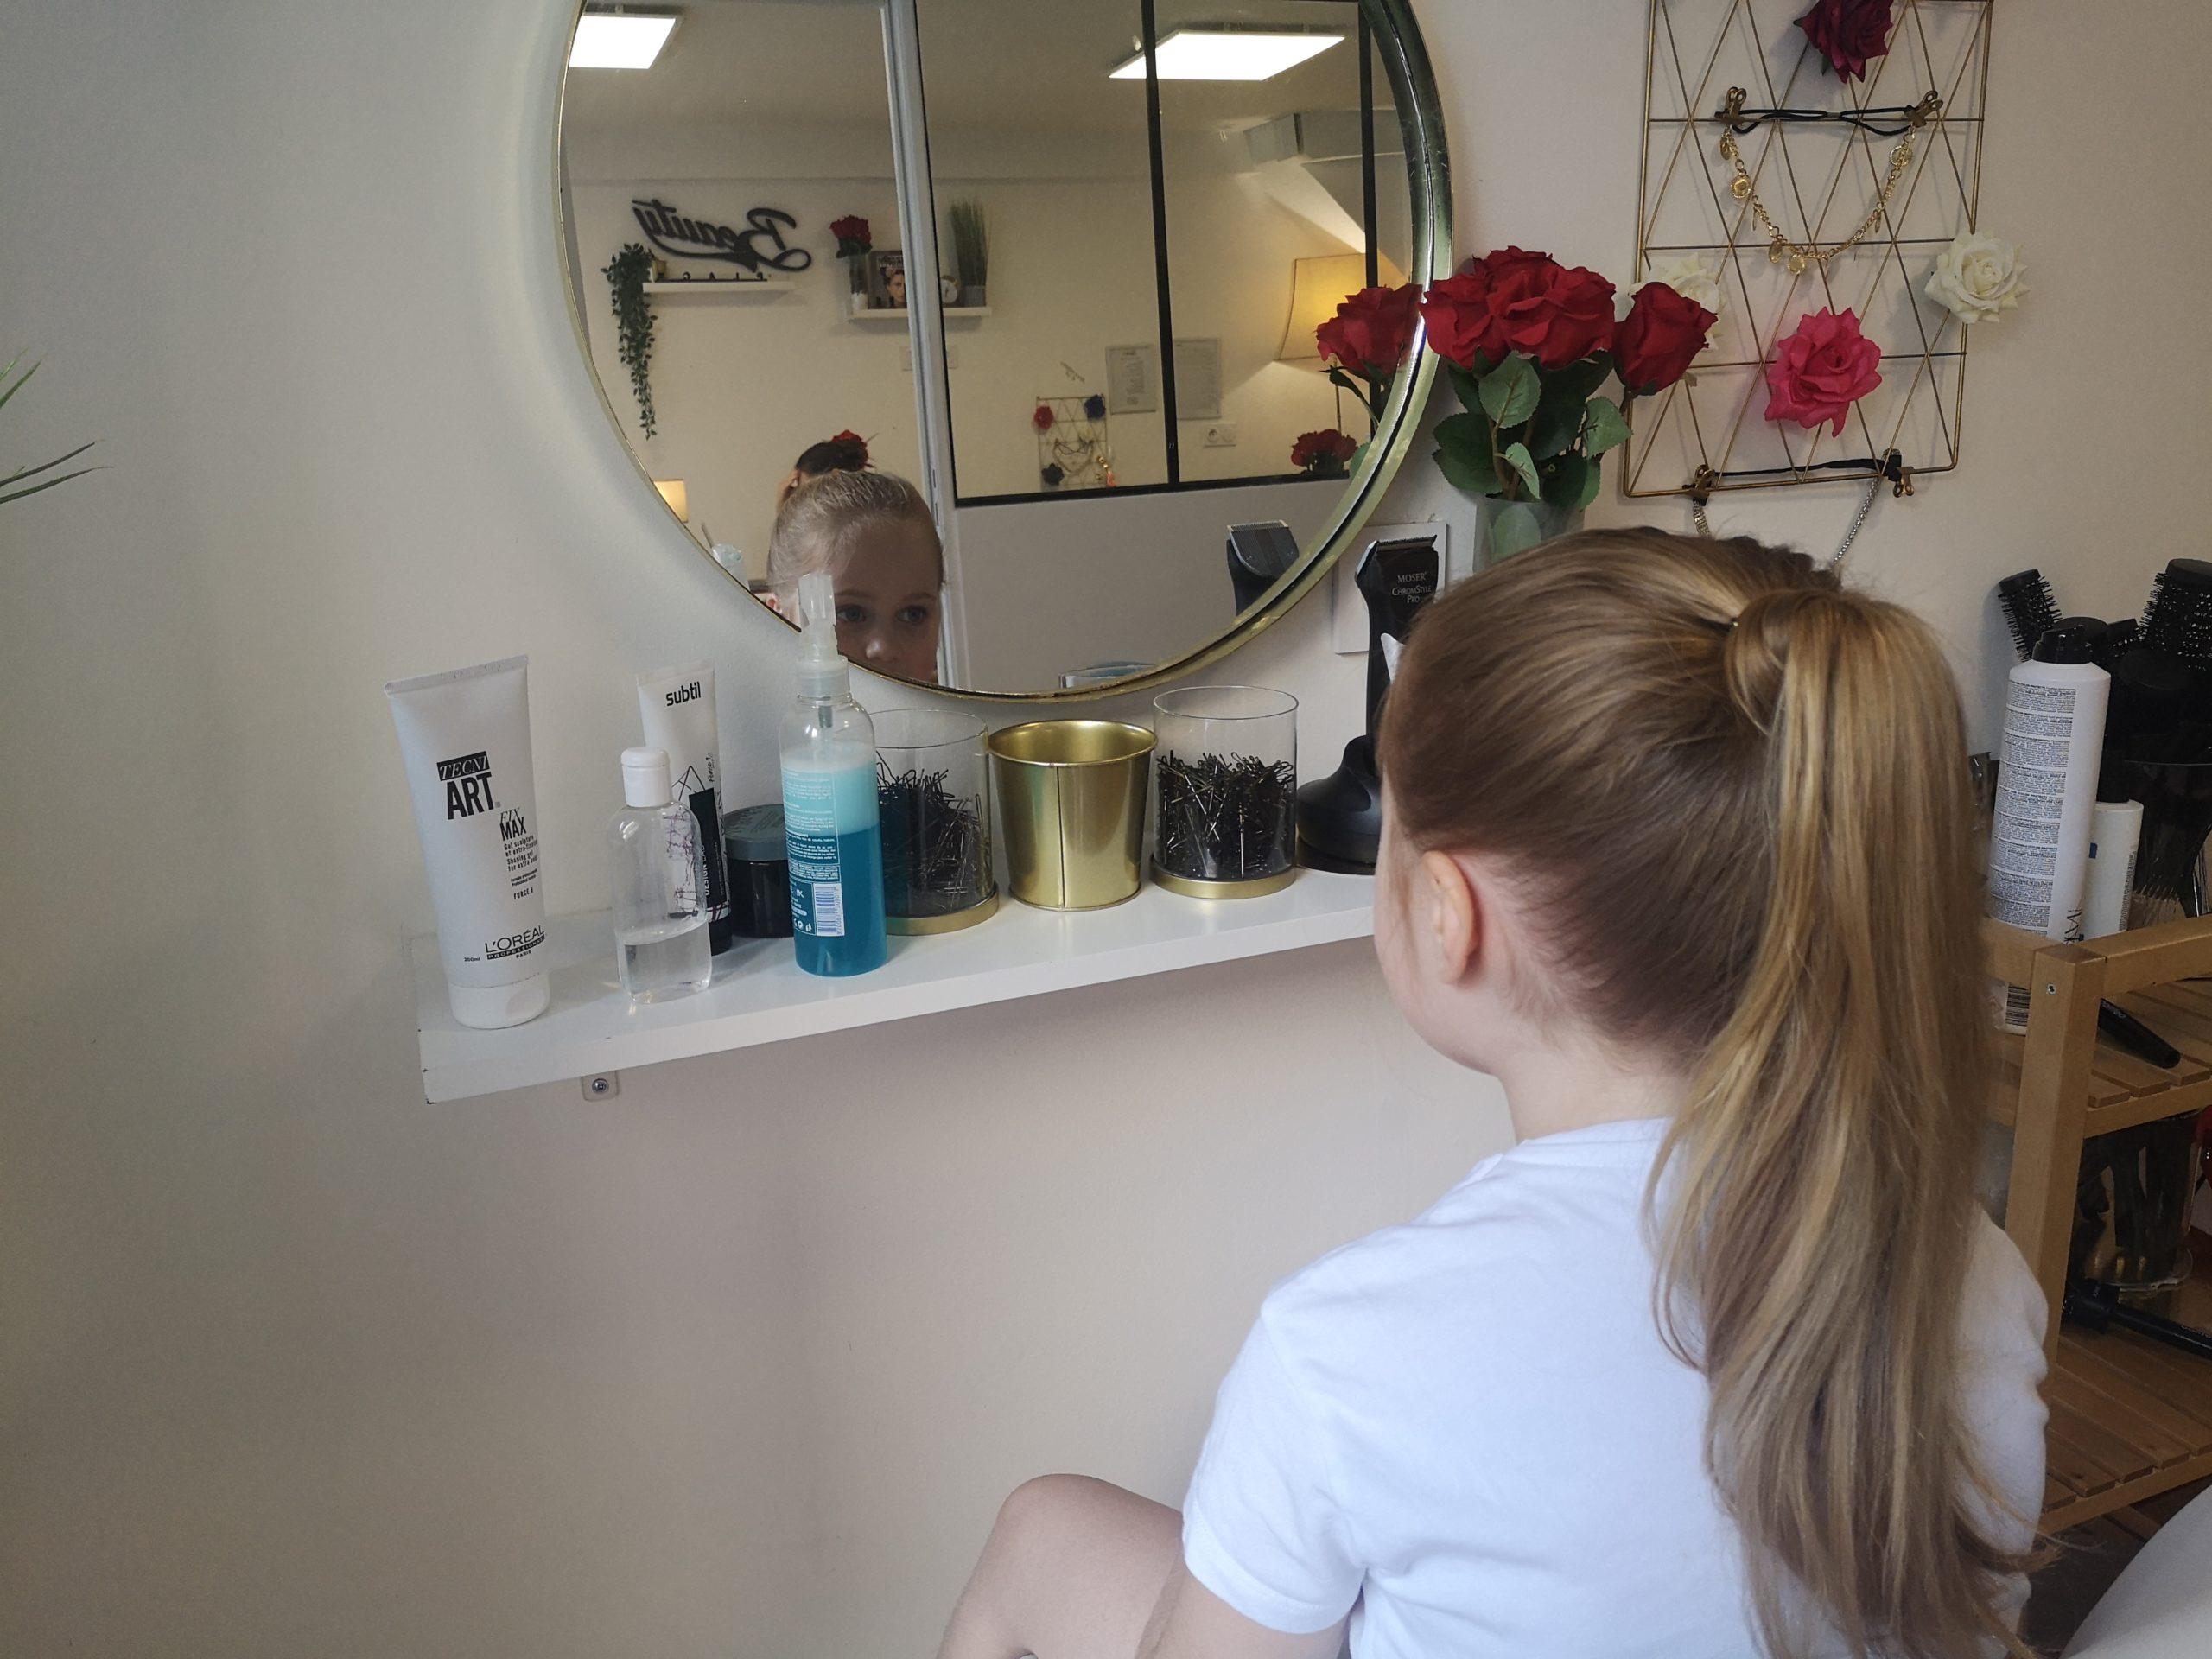 salon-coiffure-beautypopup-boulogne-billancourt-ponytails-queue-de-cheval